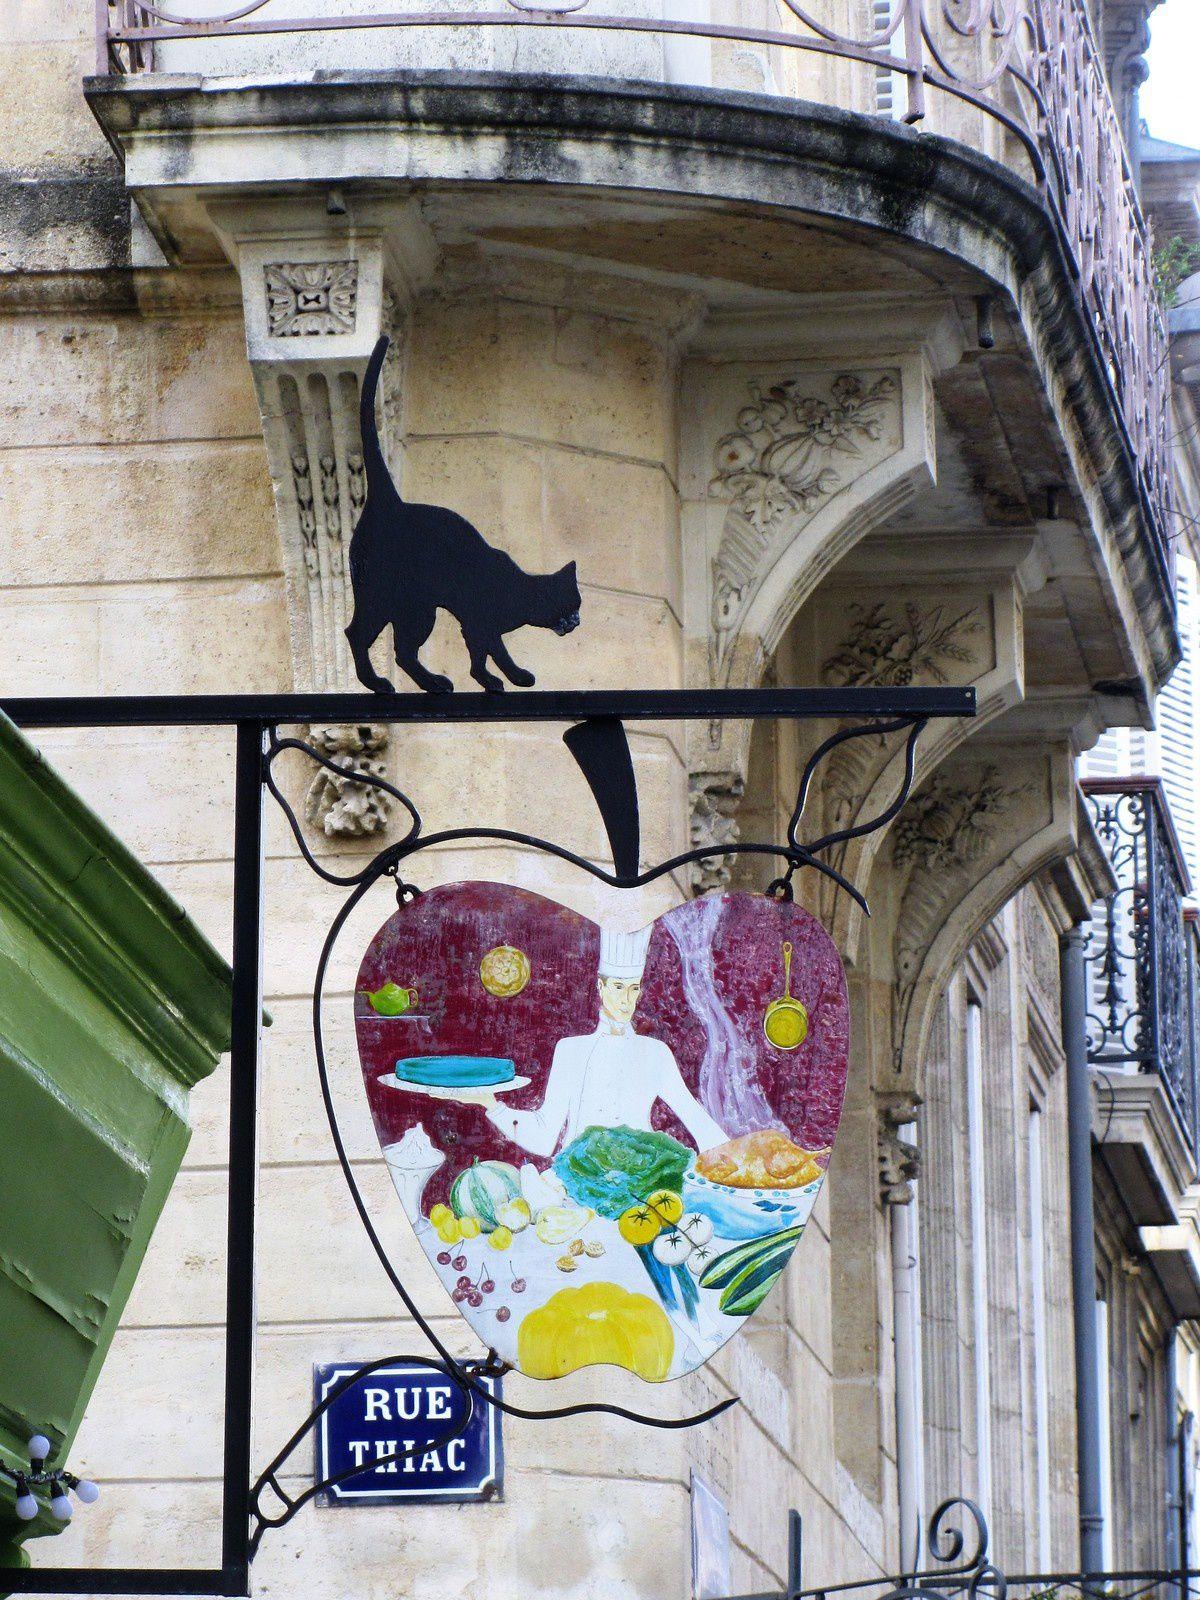 Quand nous étions allés en Alsace au mois de spetembre dernier, je m'étais régalée avec les enseignes. Ici à Bordeaux elles sont moins nombreuses. Voici pour commencer le petit chat équilibriste d'un restaurant.